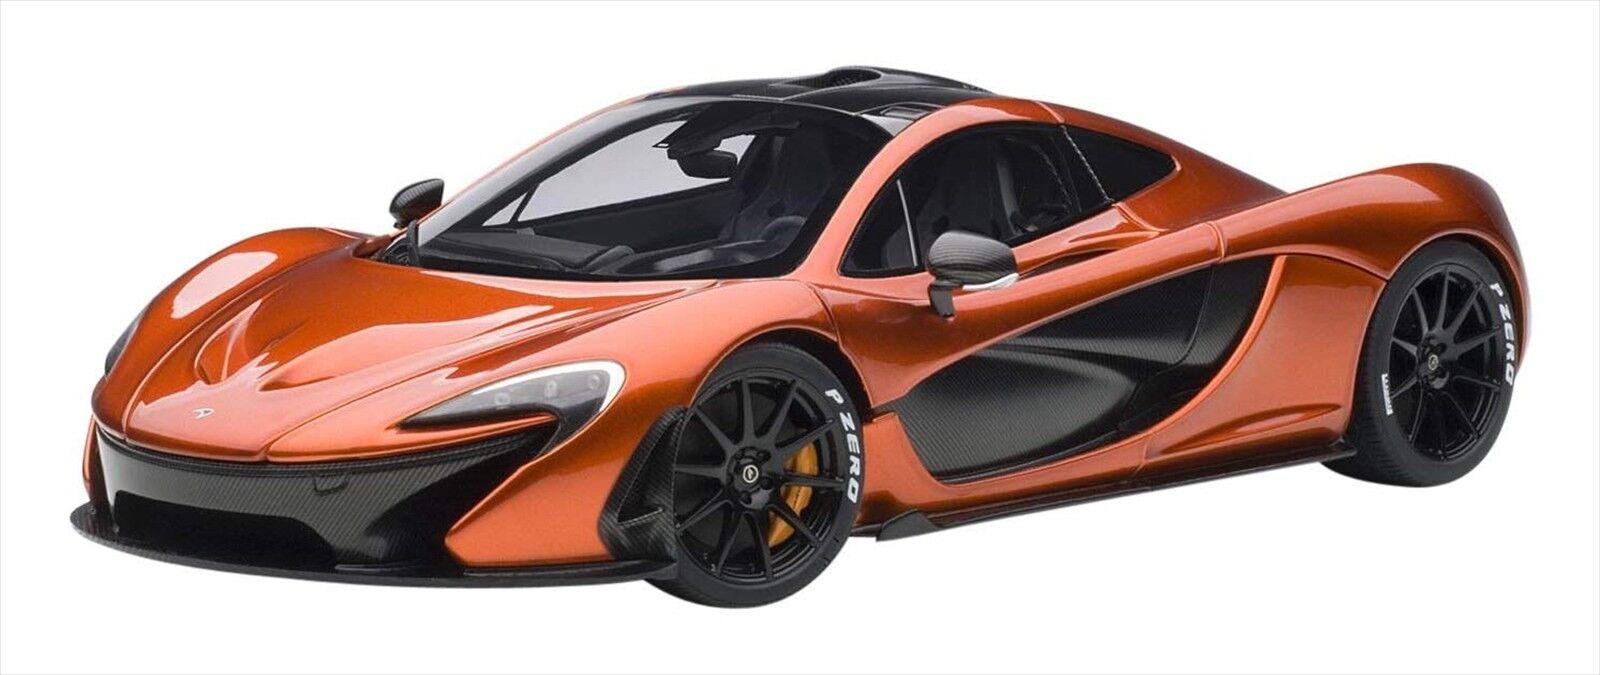 AUTOart 1 18 McLaren P1 METALLIC Orange Orange Caliper Japan NEW